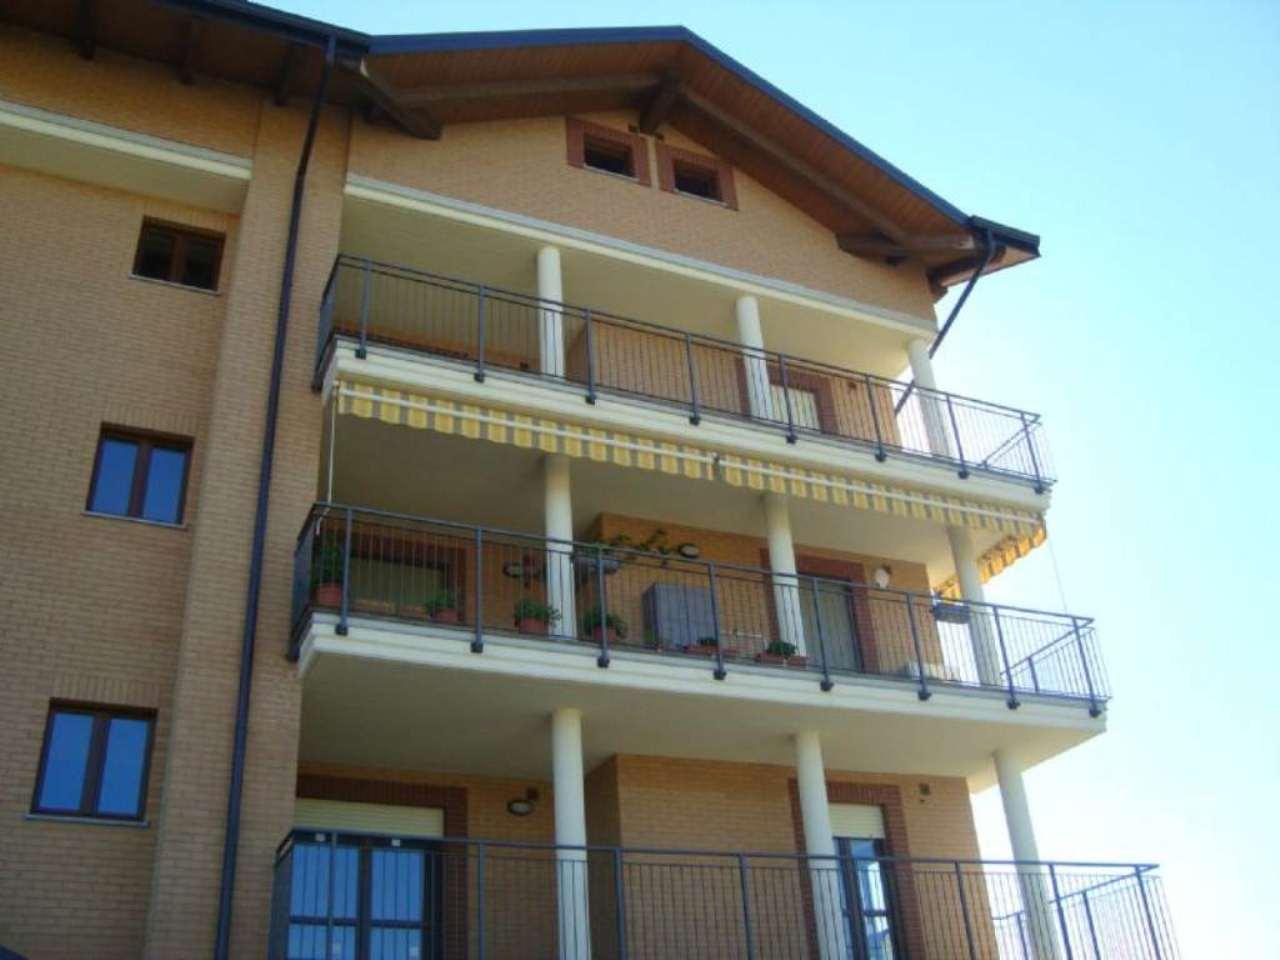 Appartamento in vendita a Caselle Torinese, 2 locali, prezzo € 123.000 | Cambio Casa.it